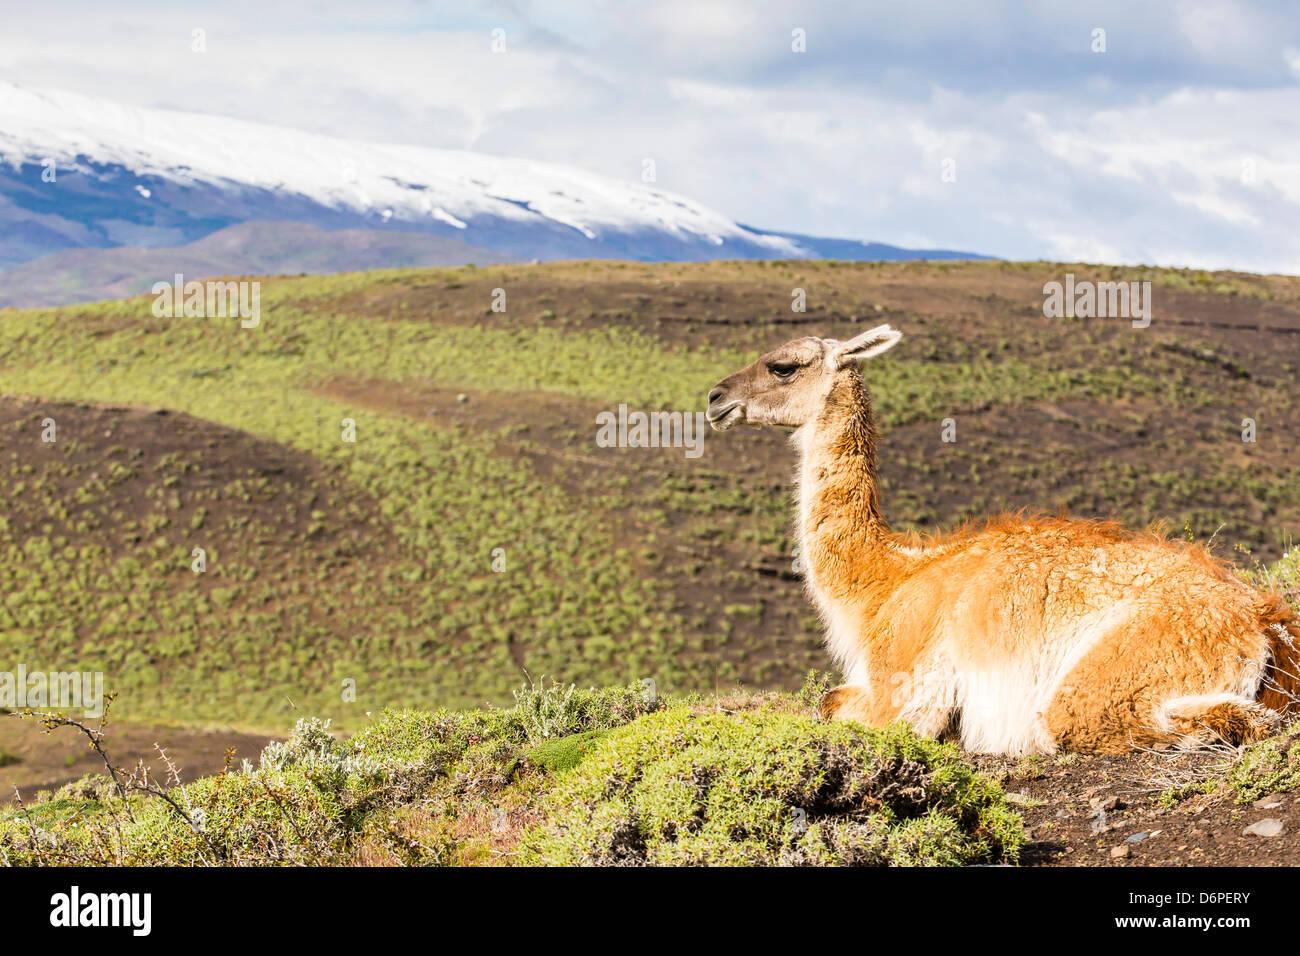 Des profils des guanacos (Lama guanicoe), Parc National Torres del Paine, Patagonie, Chili, Amérique du Sud Banque D'Images